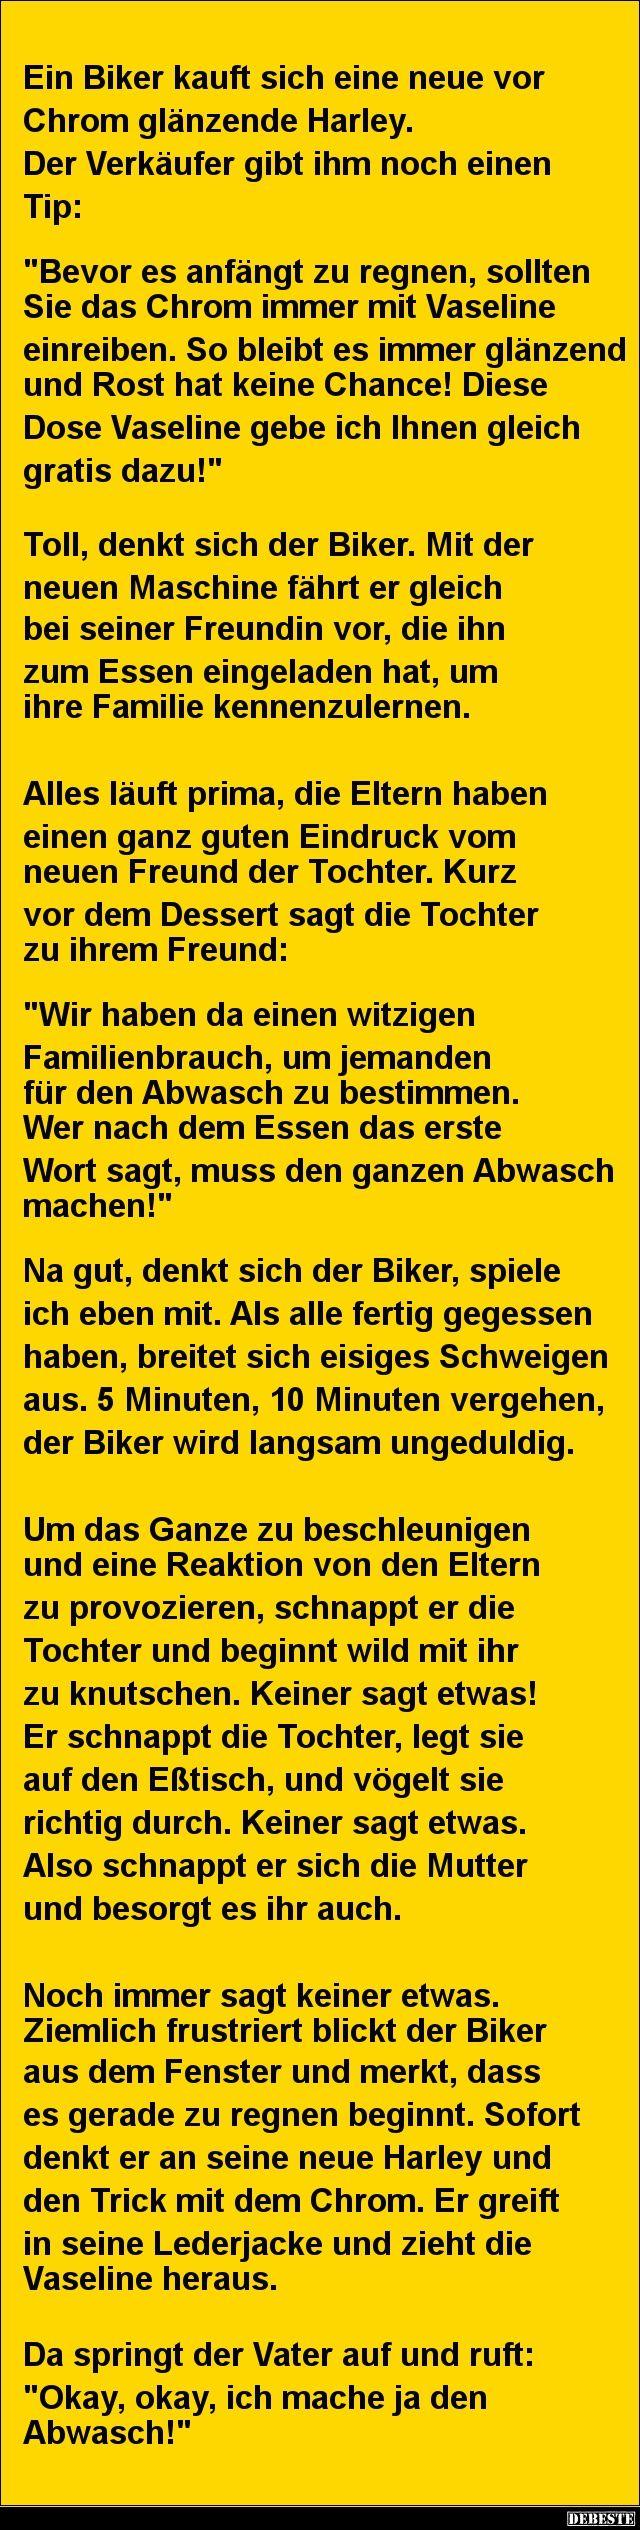 http://debeste.de/2231/Ein-Biker-kauft-sich-eine-neue-vor-Chrom-gl-nzende-Harley